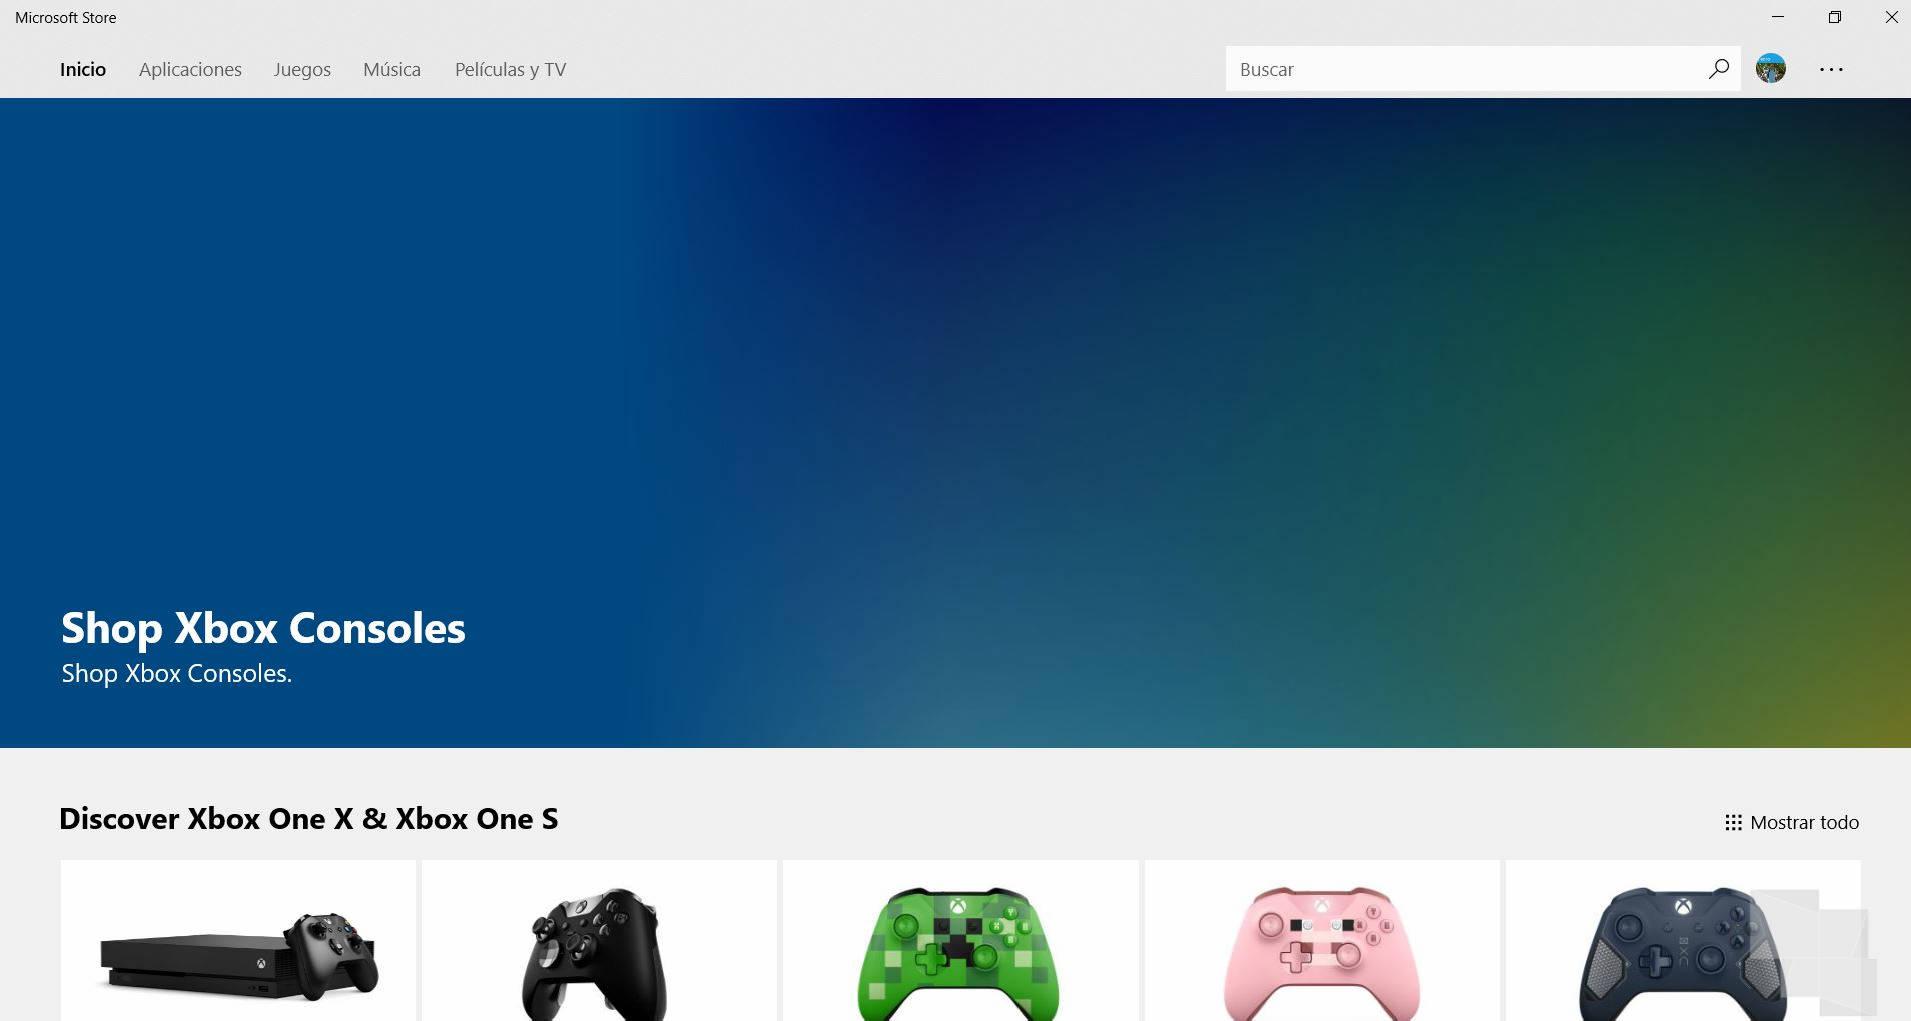 Las consolas Xbox ya tienen su apartado en la Microsoft Store de Windows 10